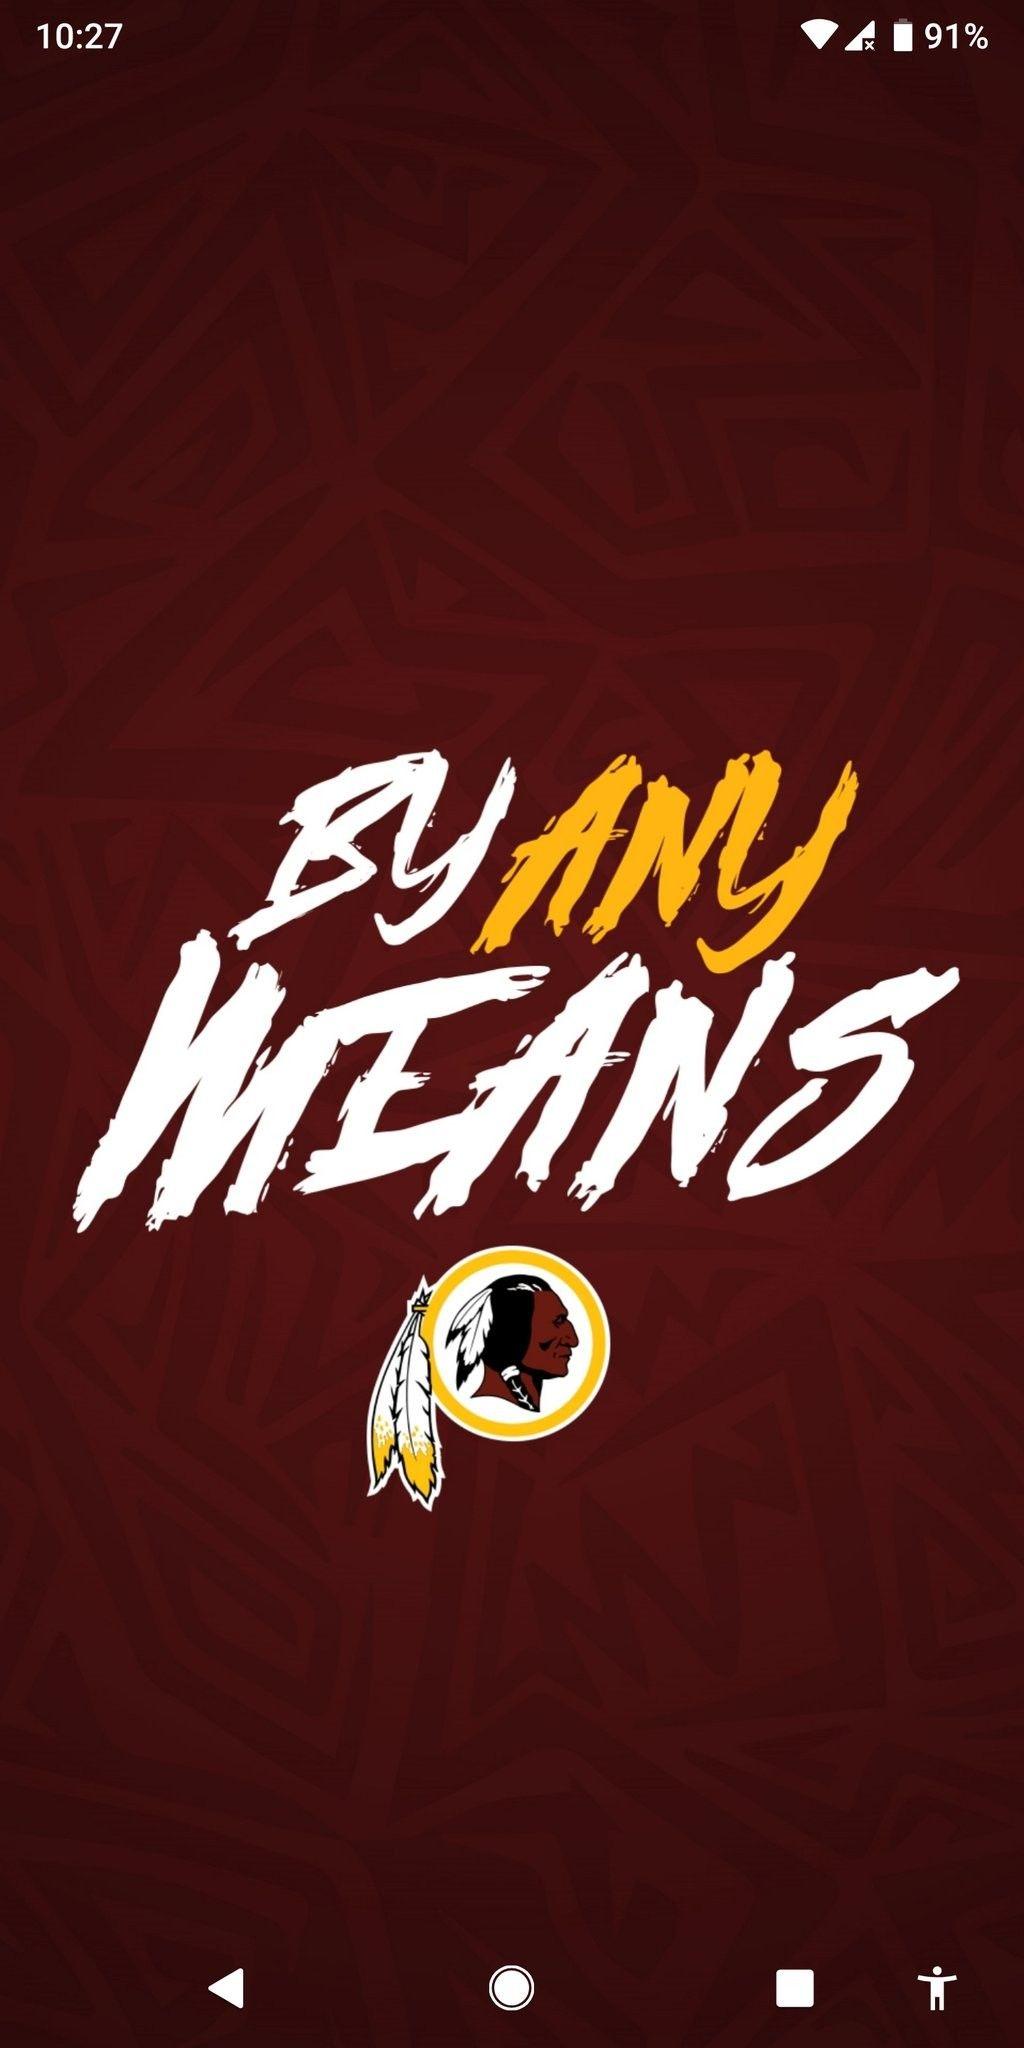 Pin on Washington Redskins